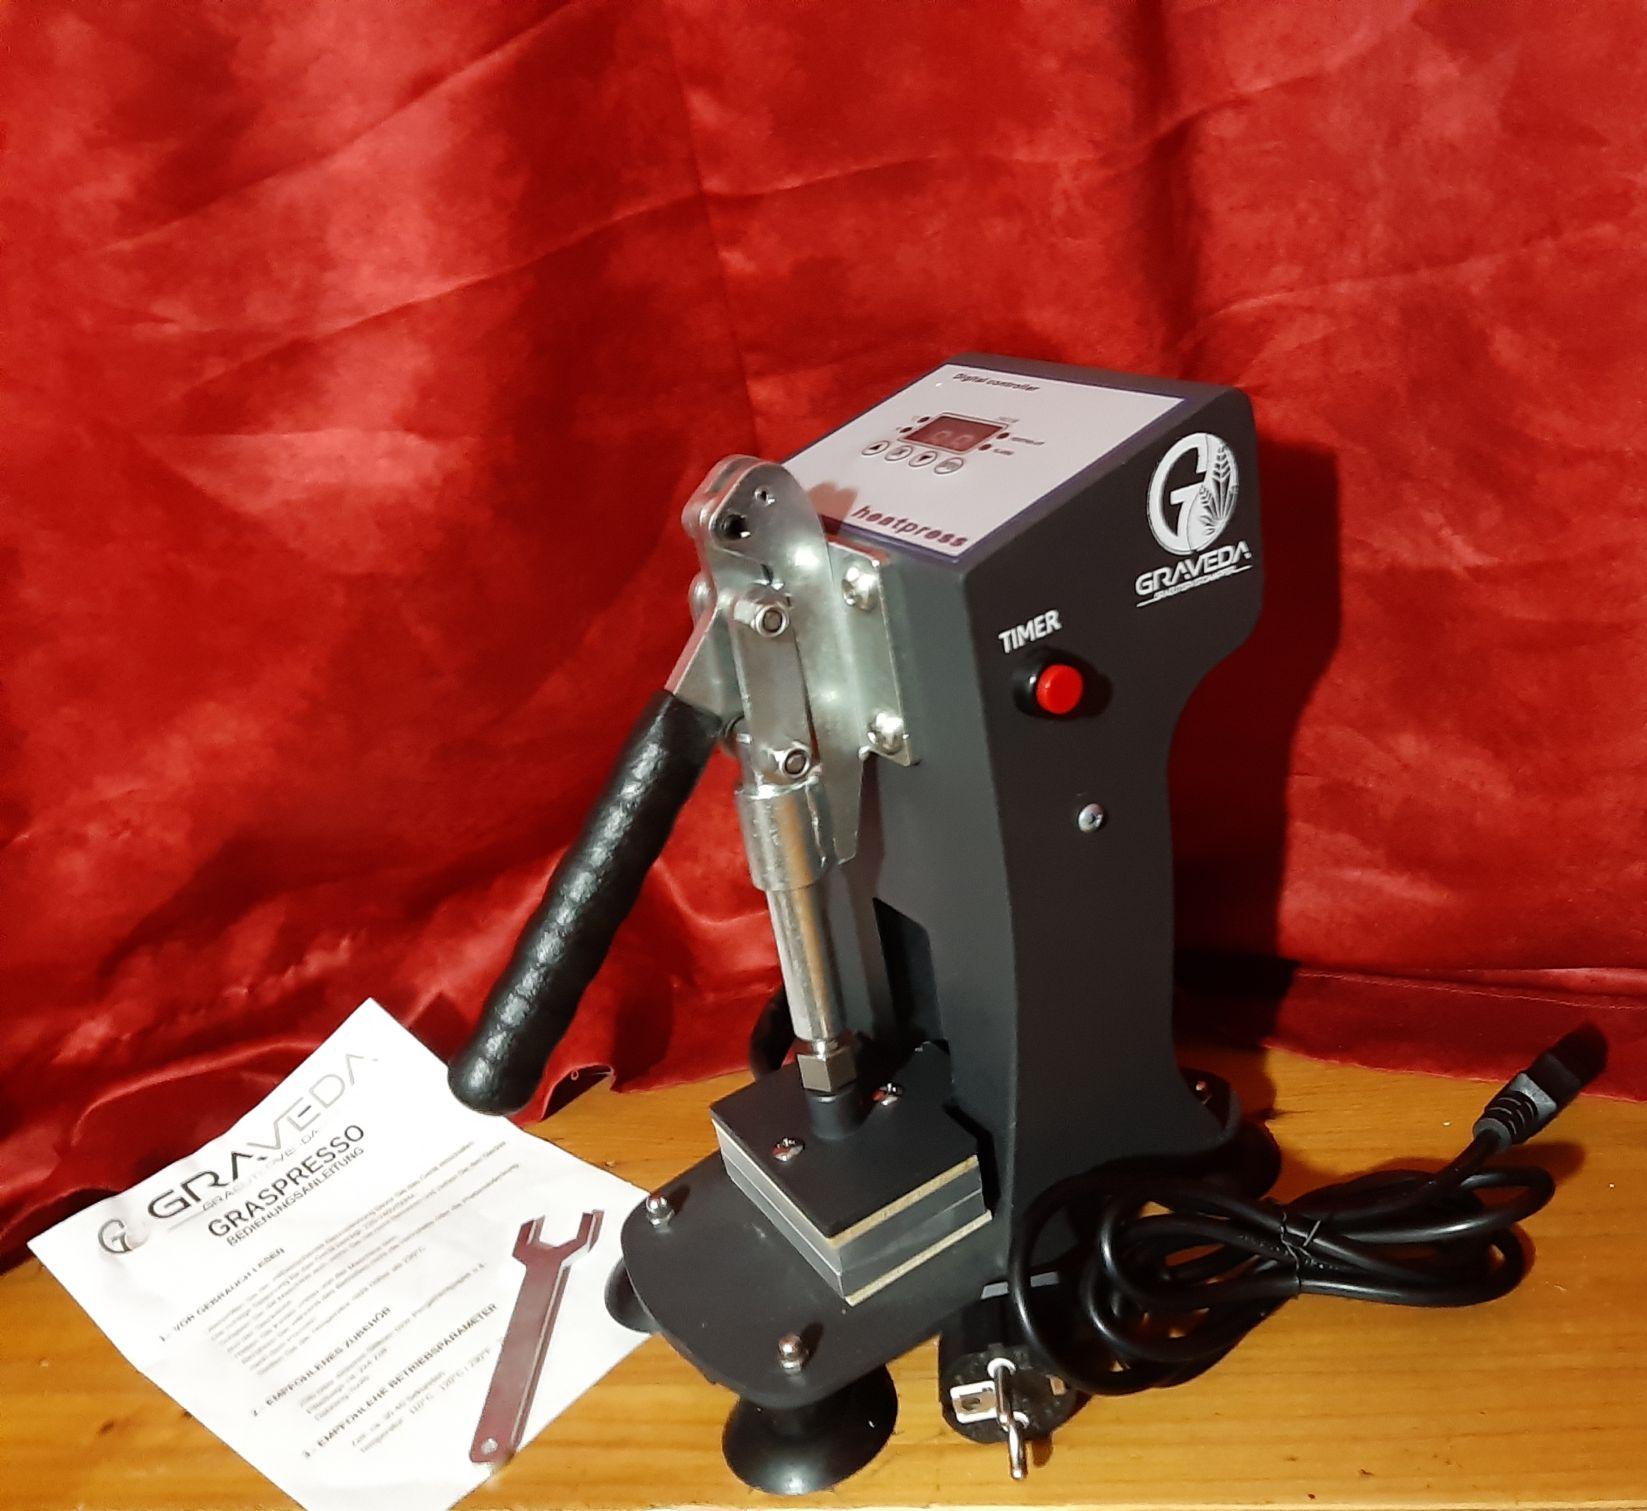 Graveda Graspresso 600kg Presse -Lieferumfang